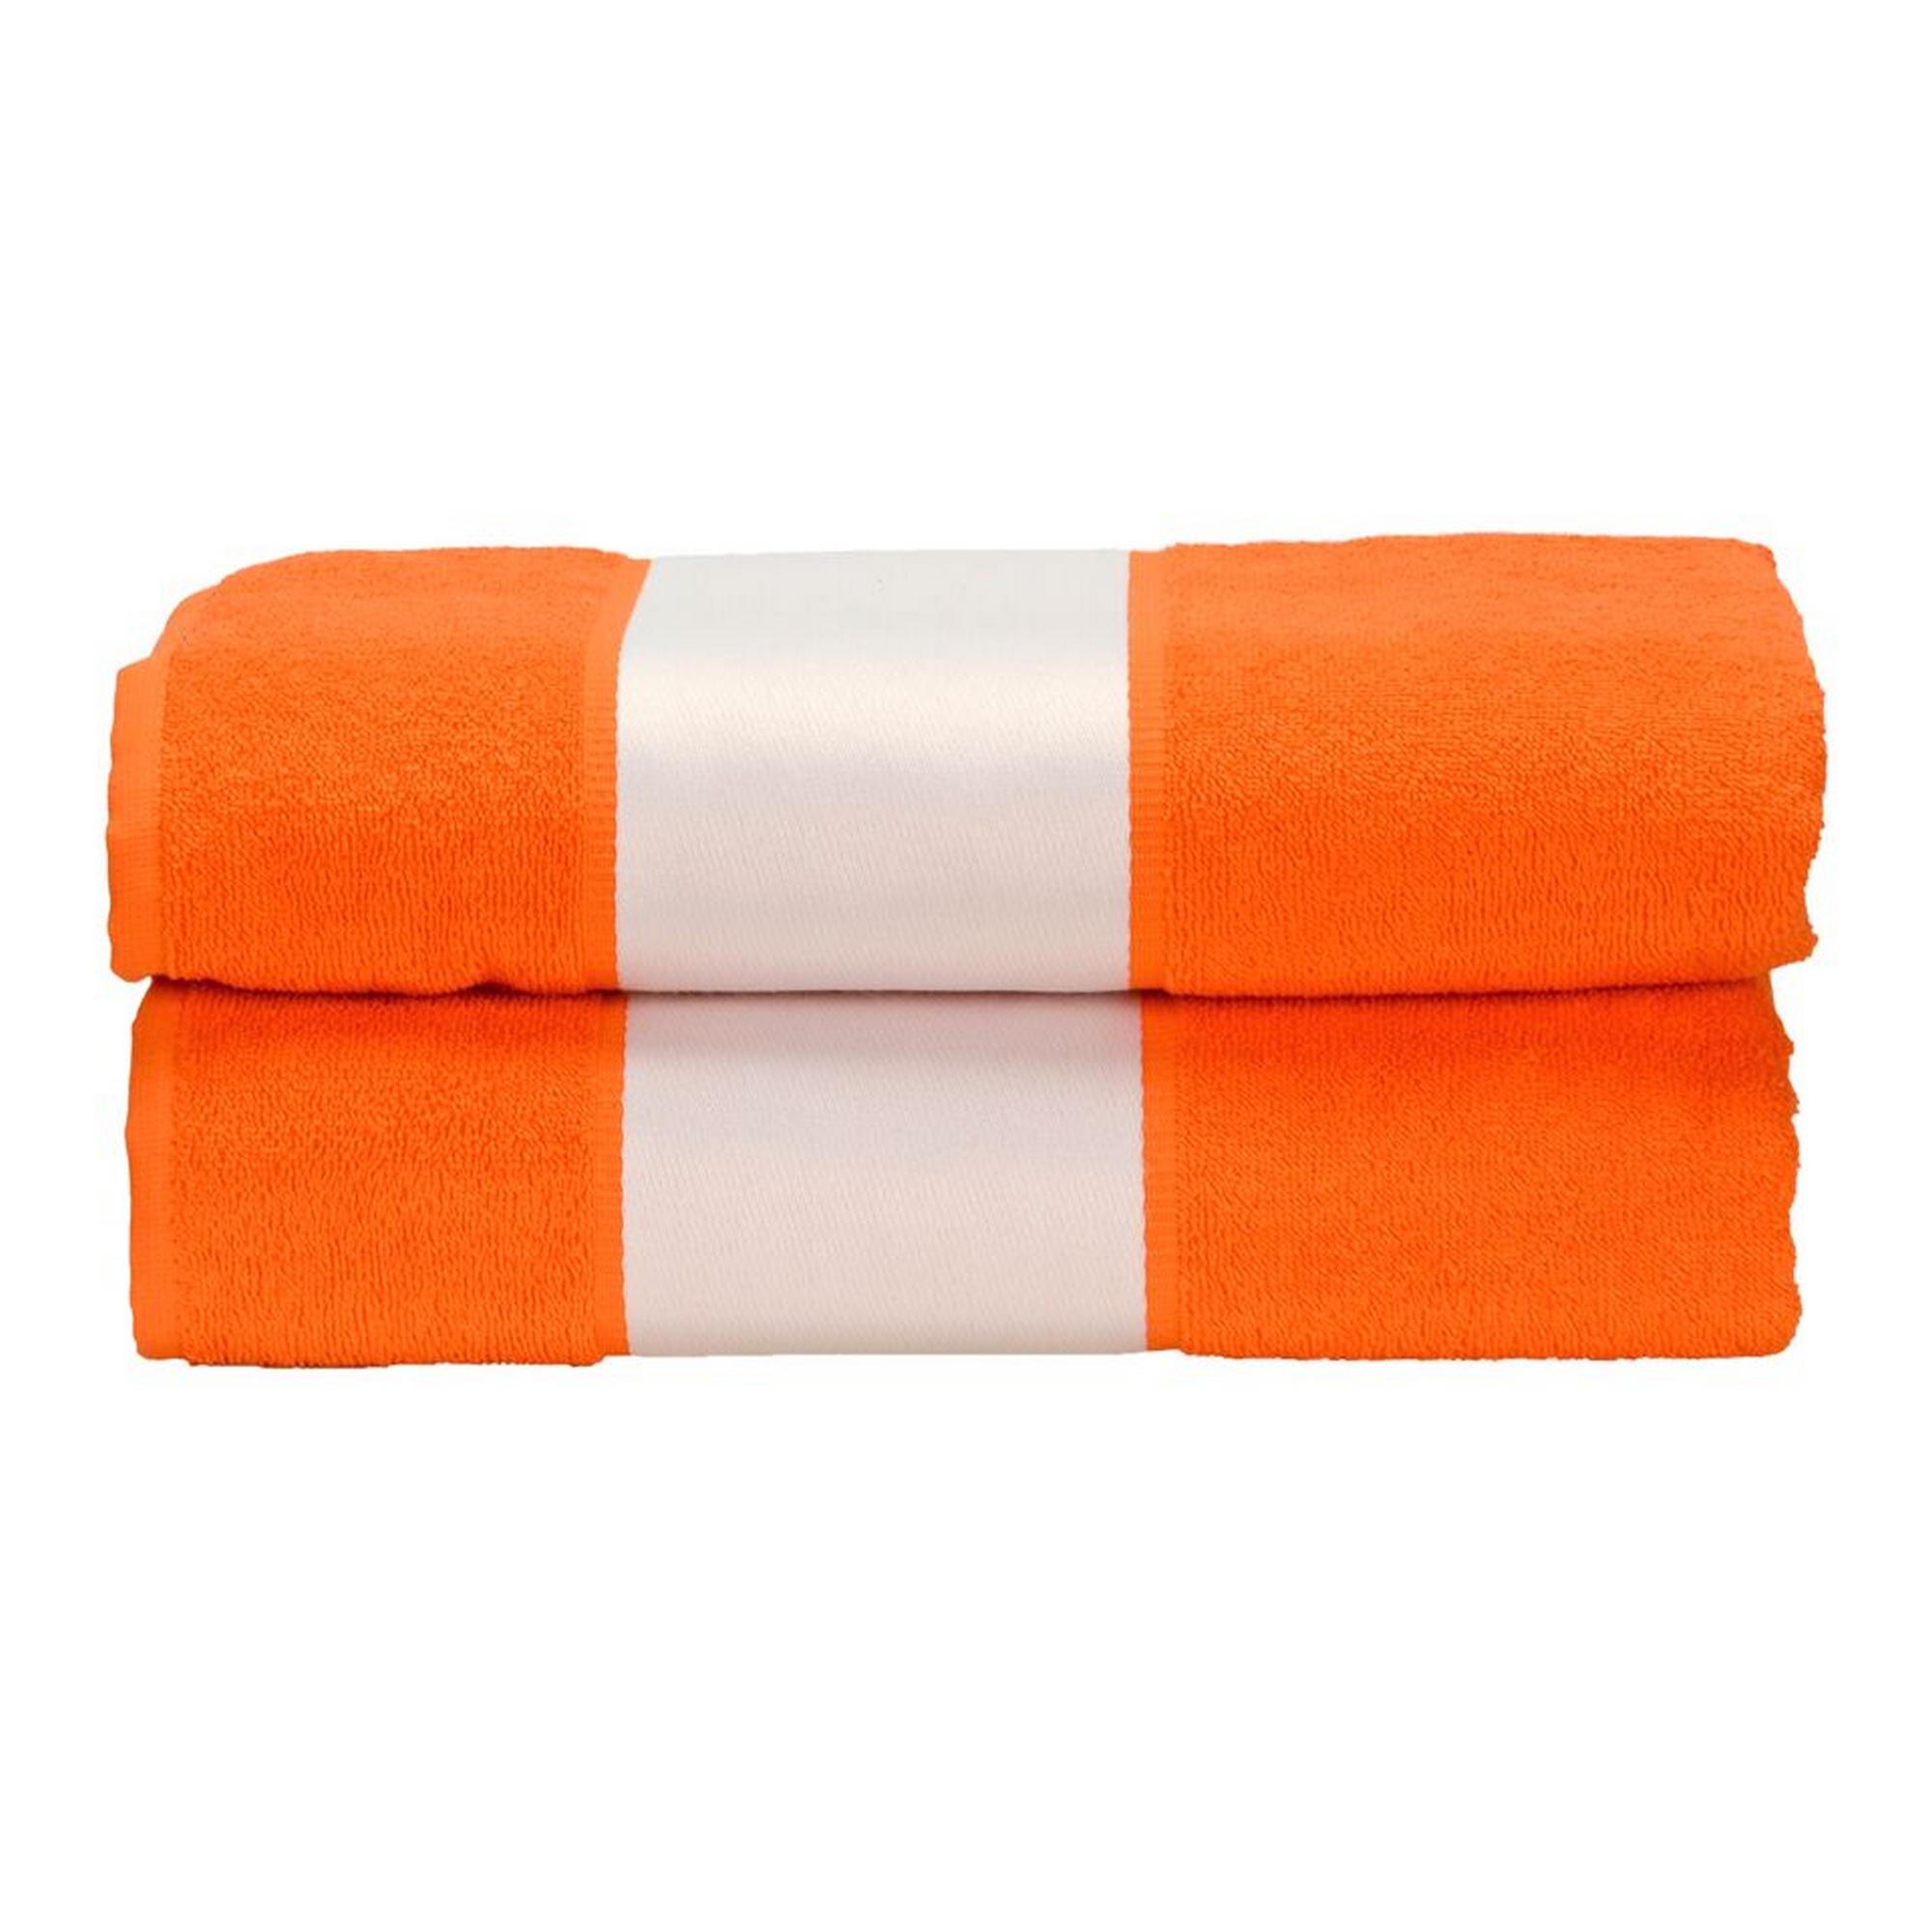 A-amp-R-Towels-Toalla-de-bano-modelo-Subli-Me-RW6041